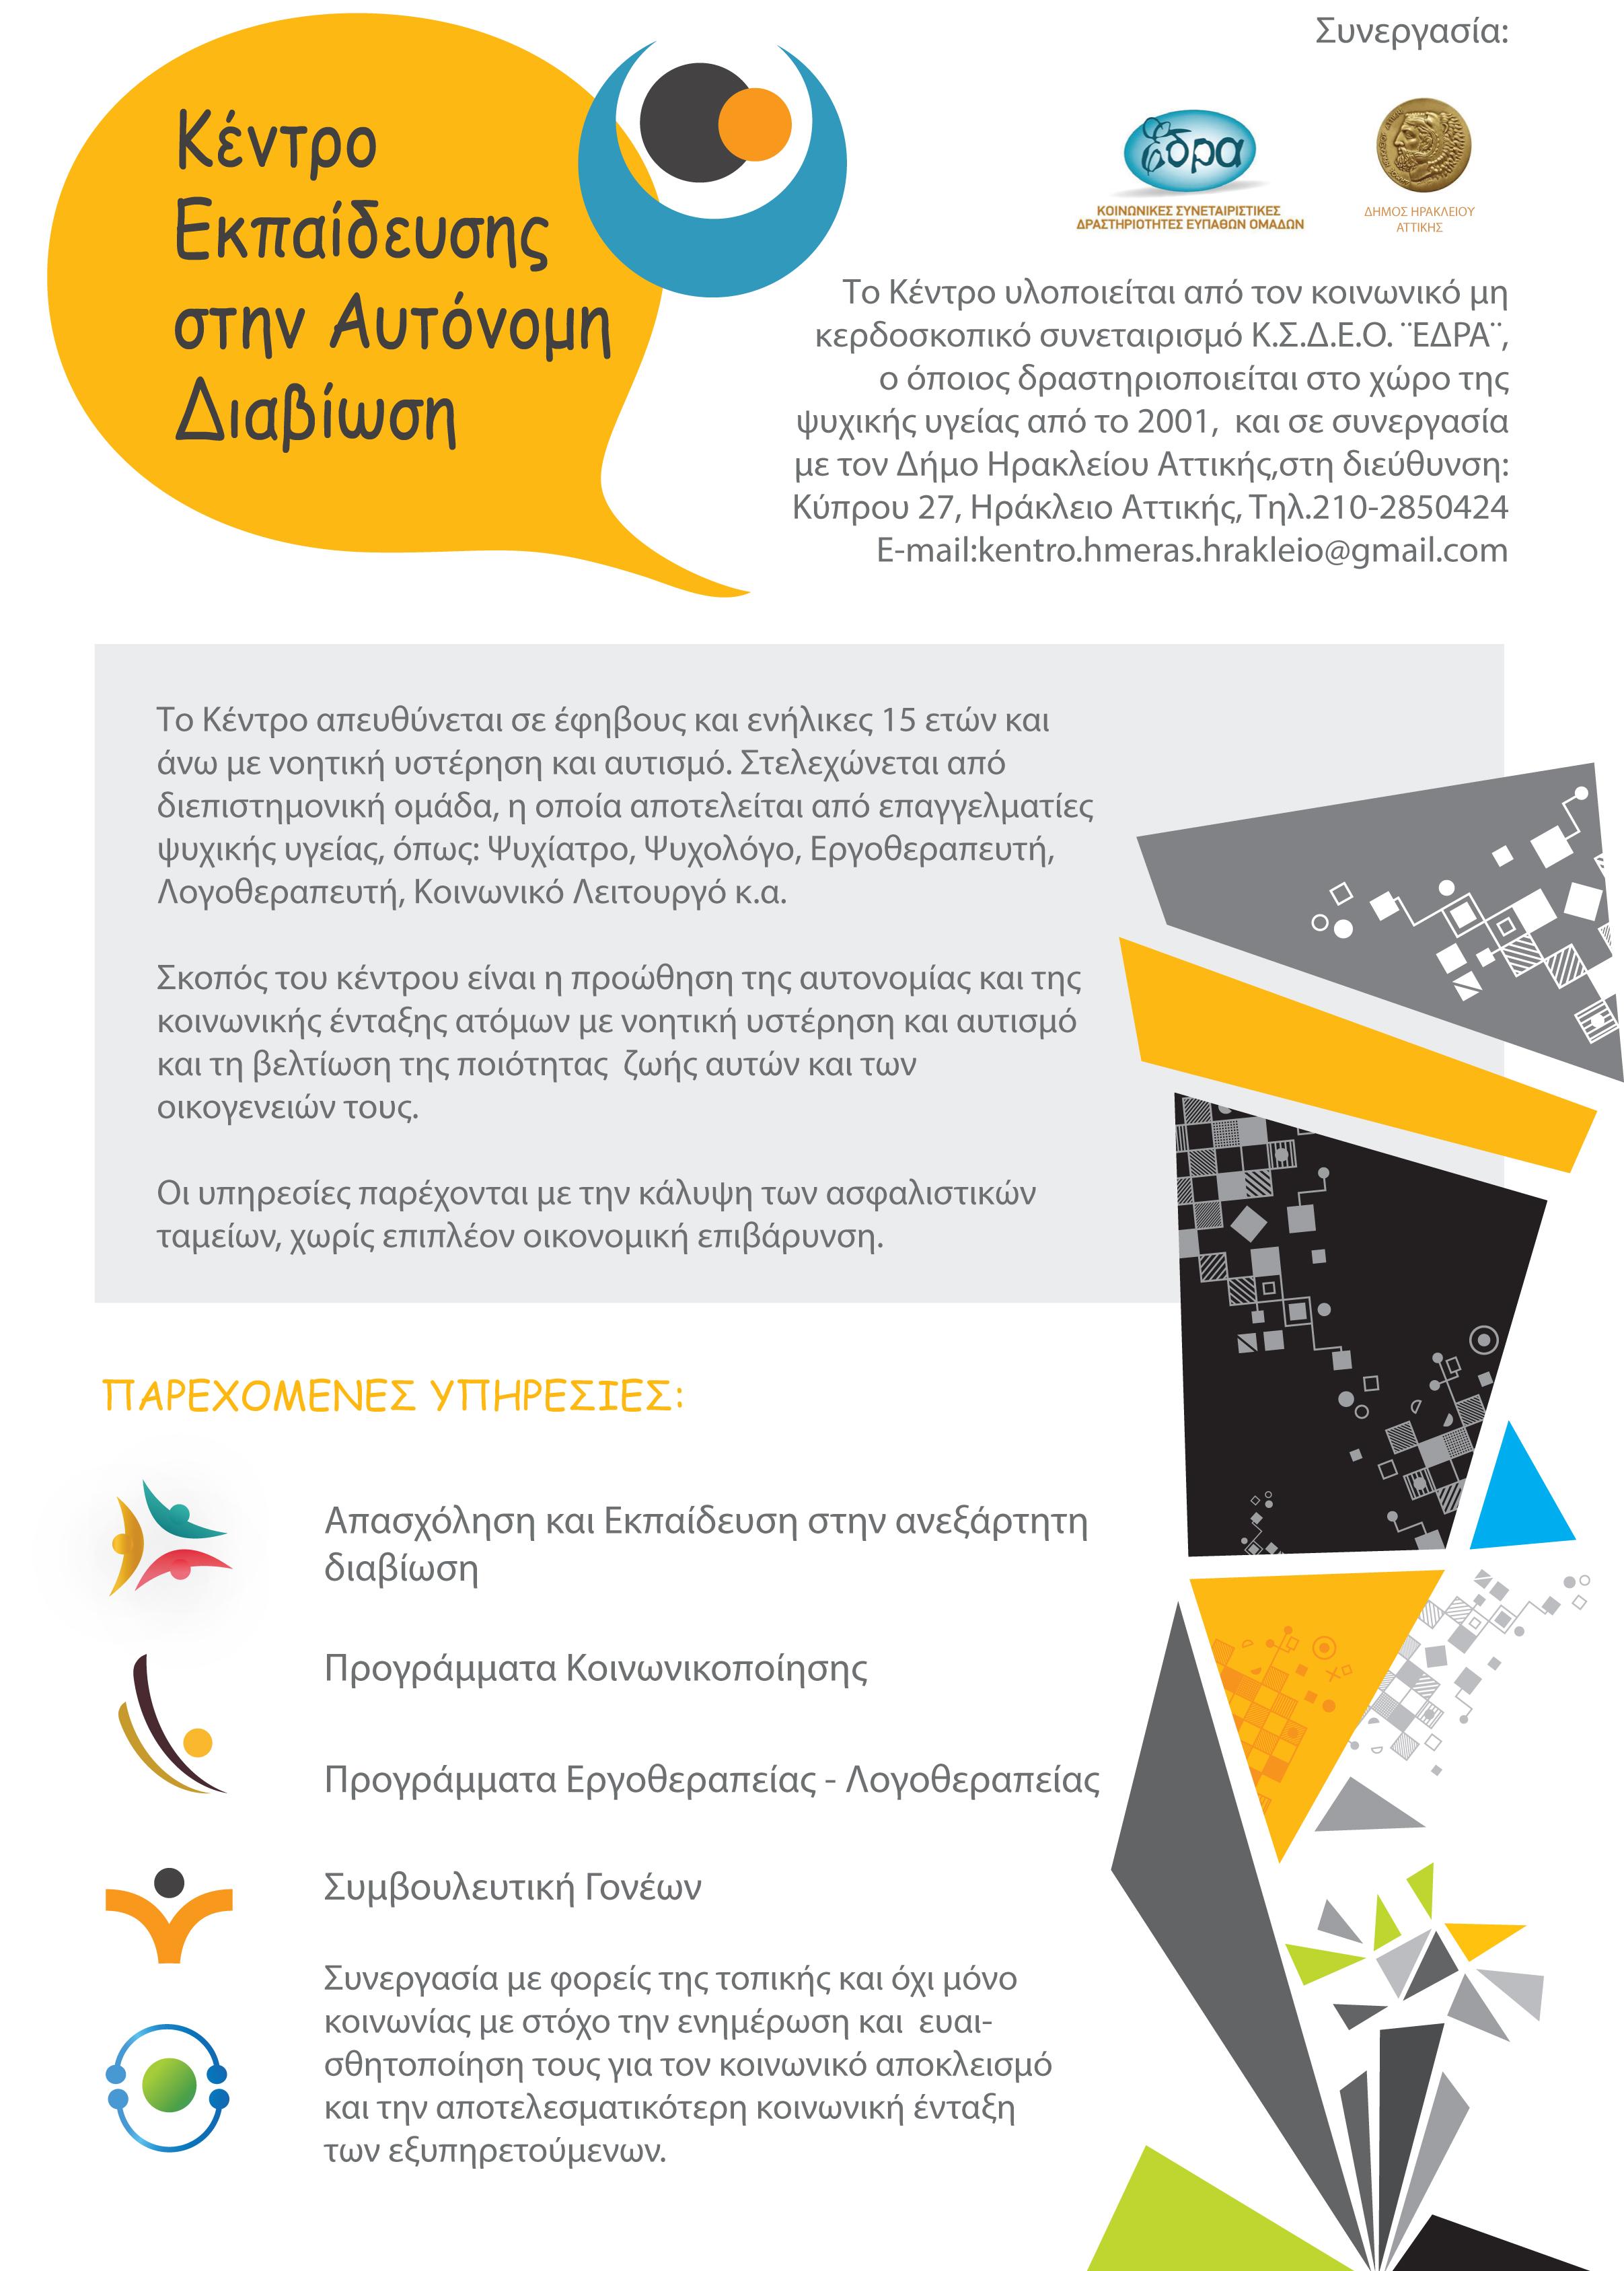 Κέντρο Εκπαίδευσης στην Αυτόνομη Διαβίωση από την ΕΔΡΑ